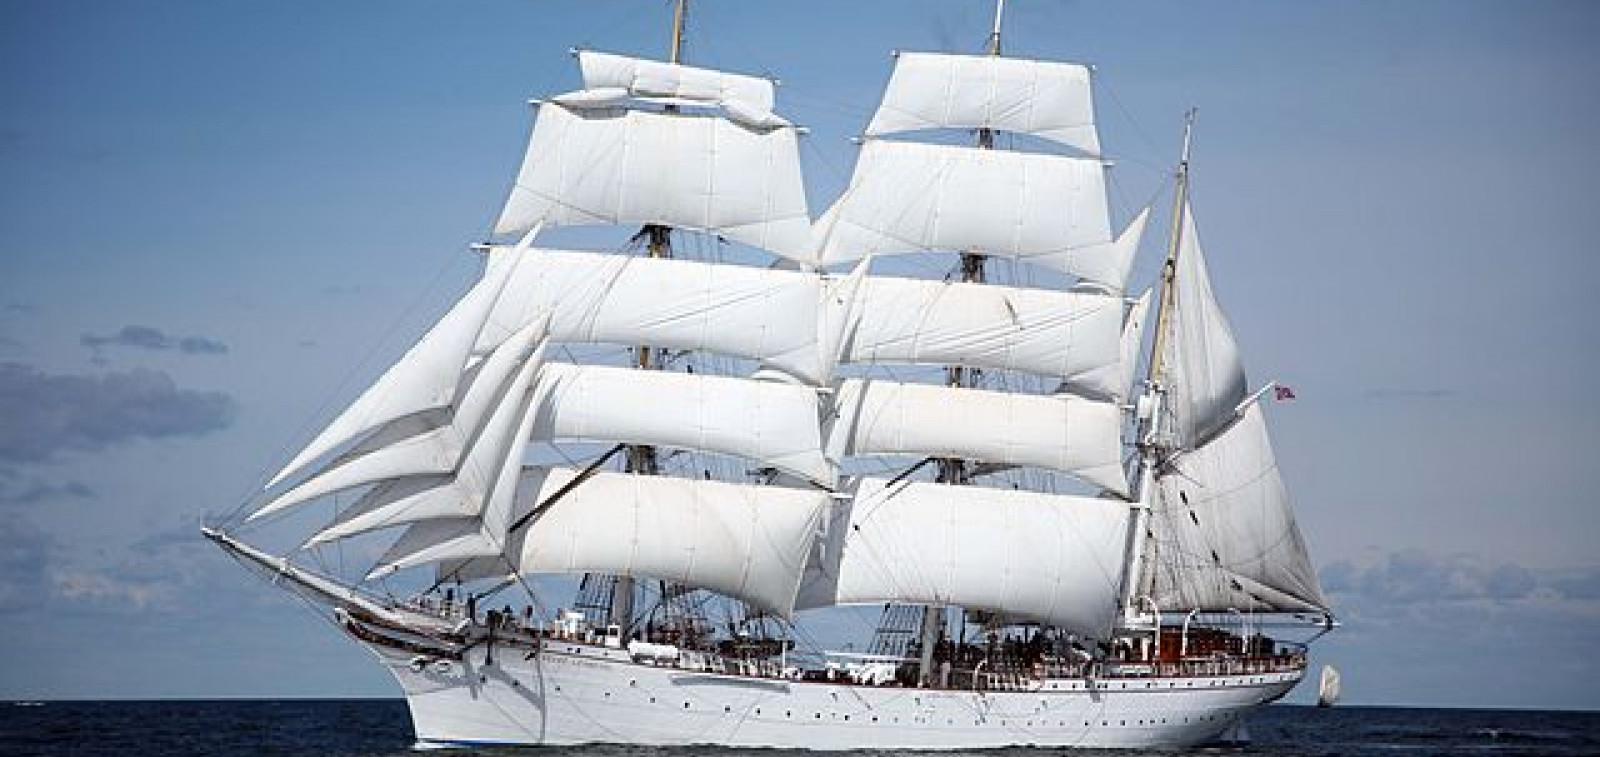 Statsraad Lehmkuhl täysissä purjeissa